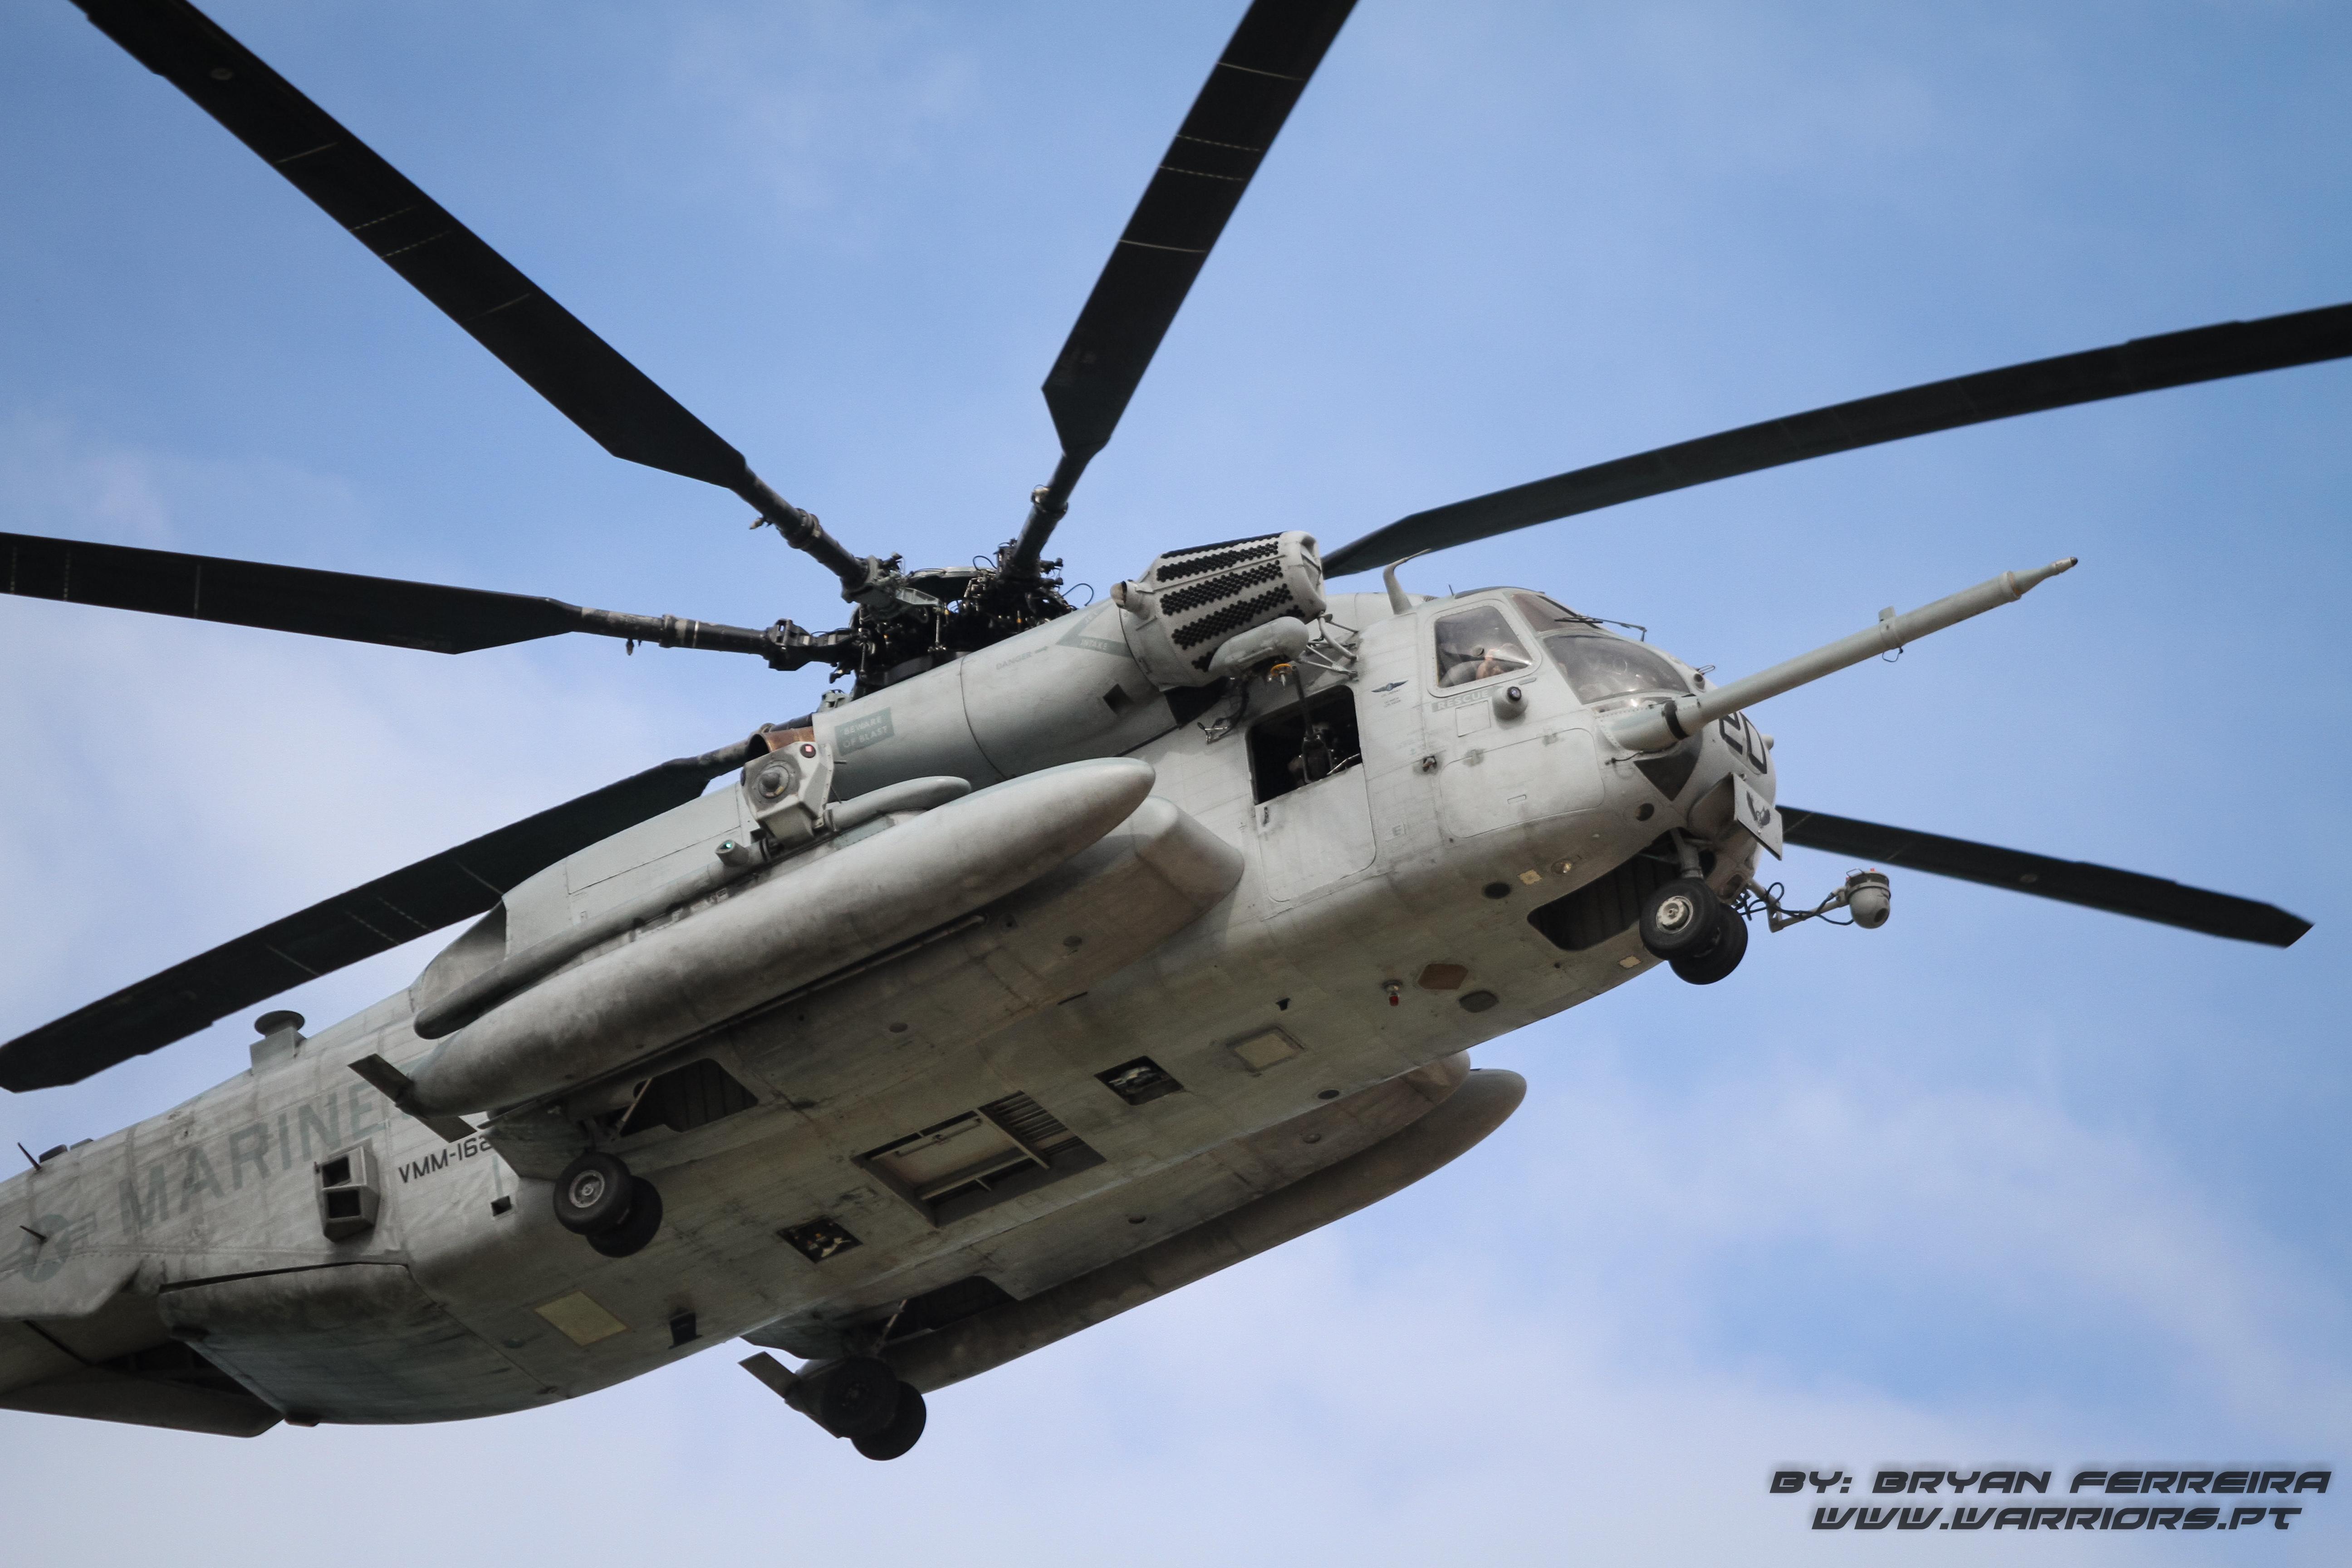 Helicoptero CH53 Super Stallion dos US MArines transporta Fuzileiros Portugueses e US Marines até um objectivo no interior da costa